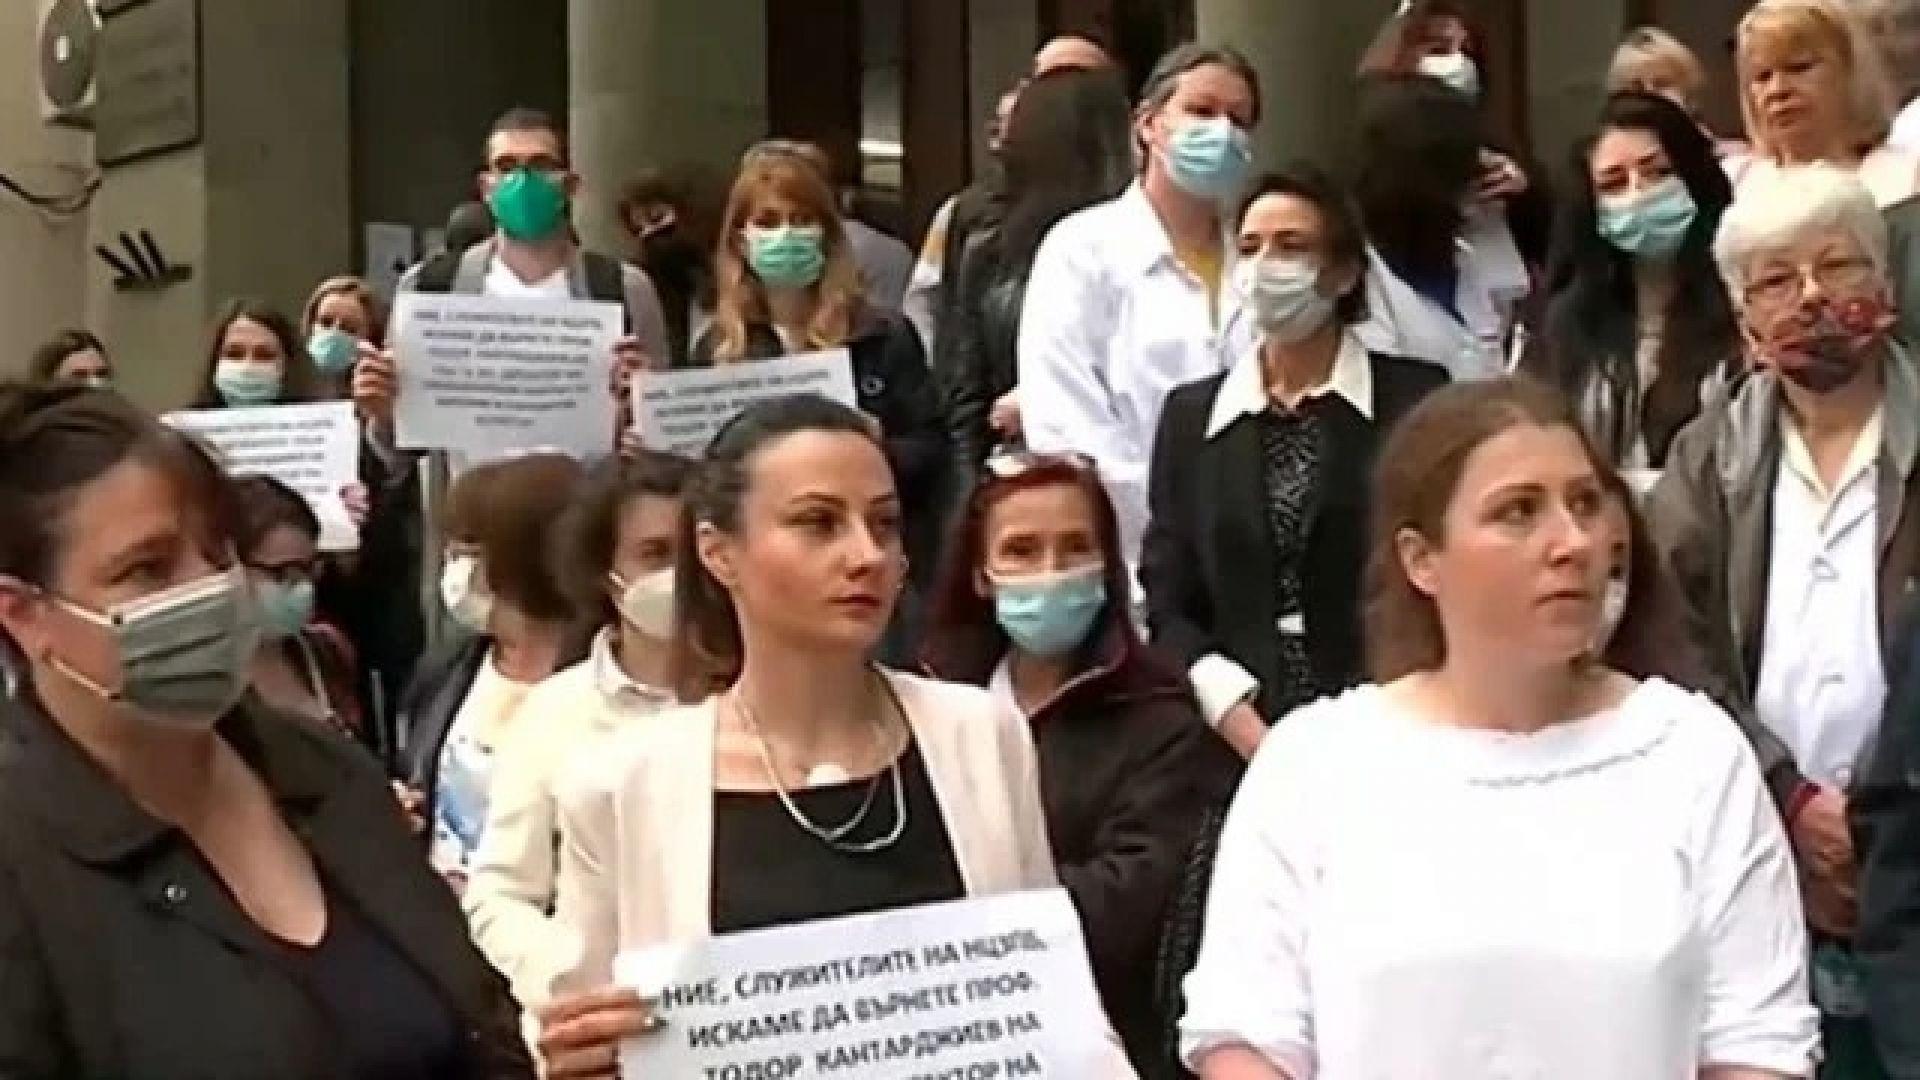 Нов протест в подкрепа на проф. Кантарджиев: Има незаменими хора!